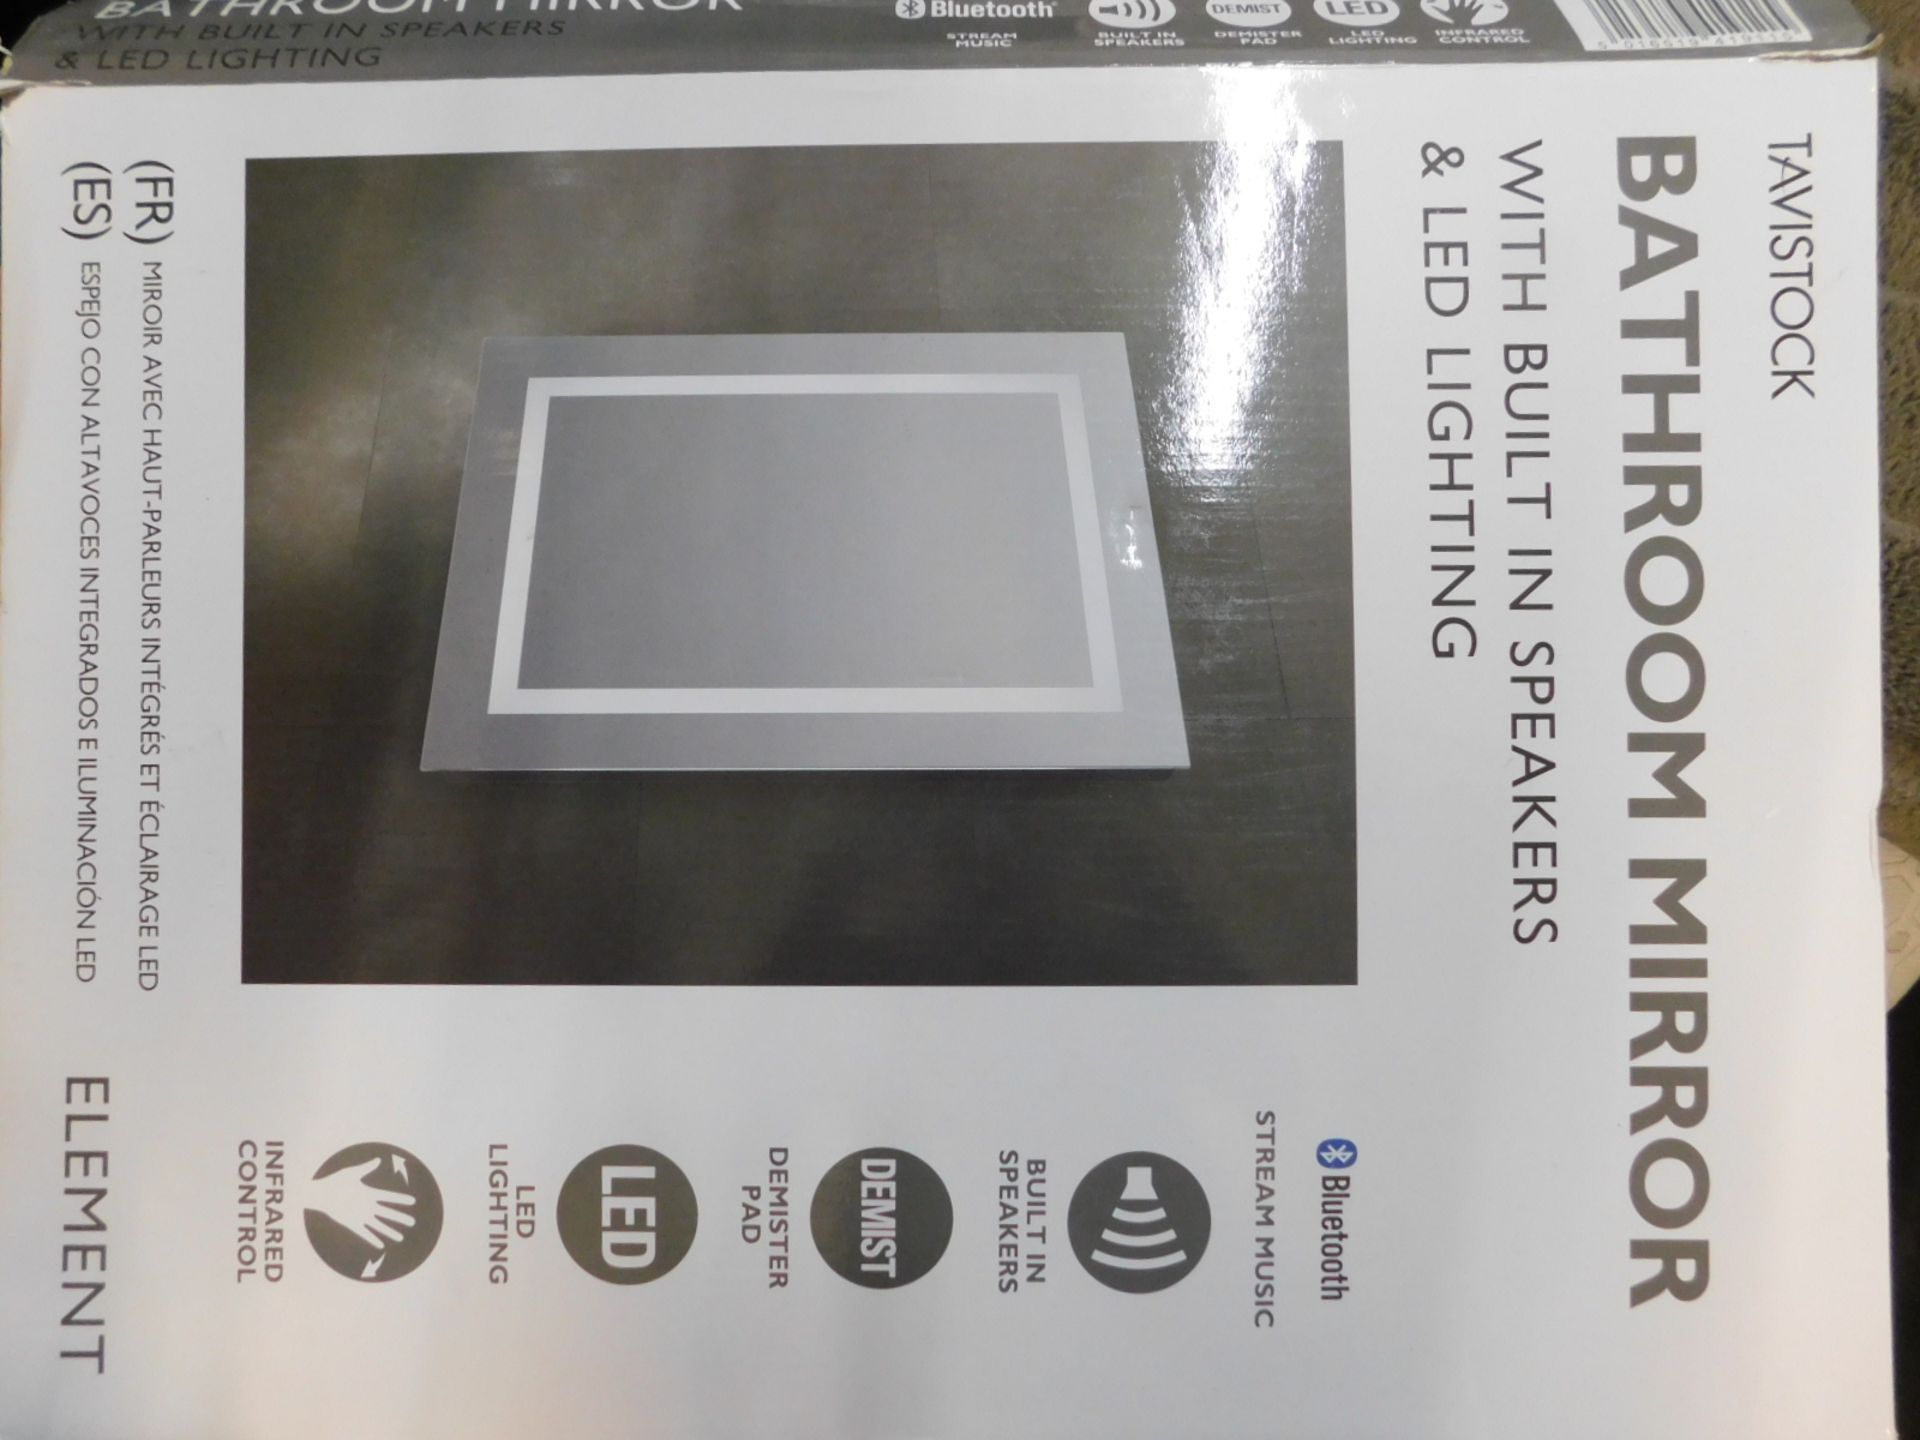 1 BOXED TAVISTOCK ELEMENT BLUETOOTH SPEAKER LED BATHROOM MIRROR RRP £199